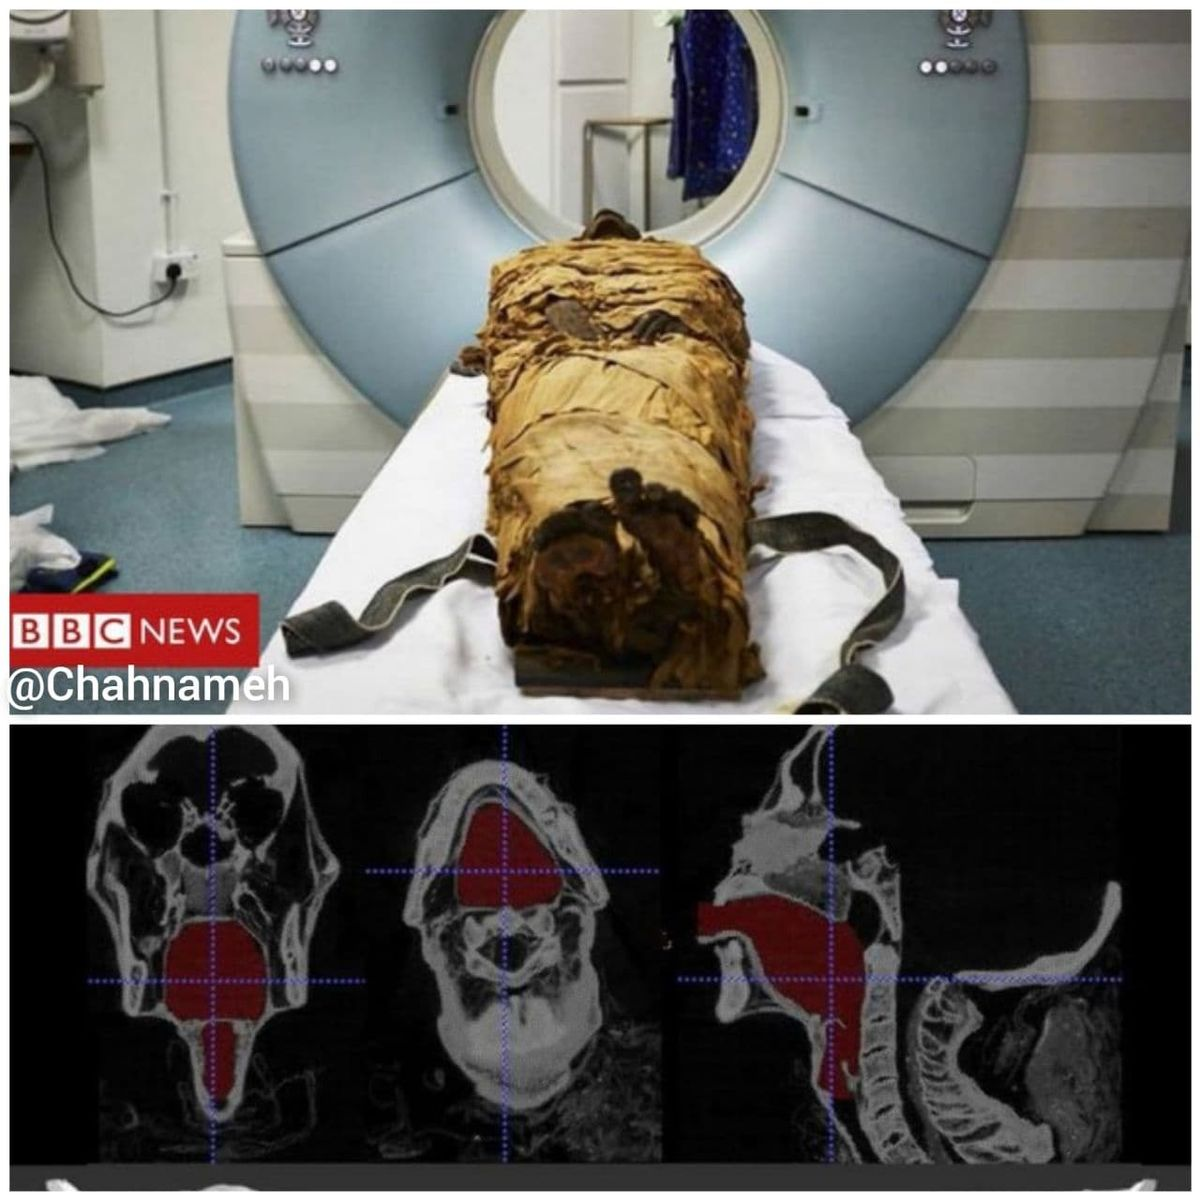 بازسازی صدای یک مومیایی ۳٠٠٠ساله مصری +عکس